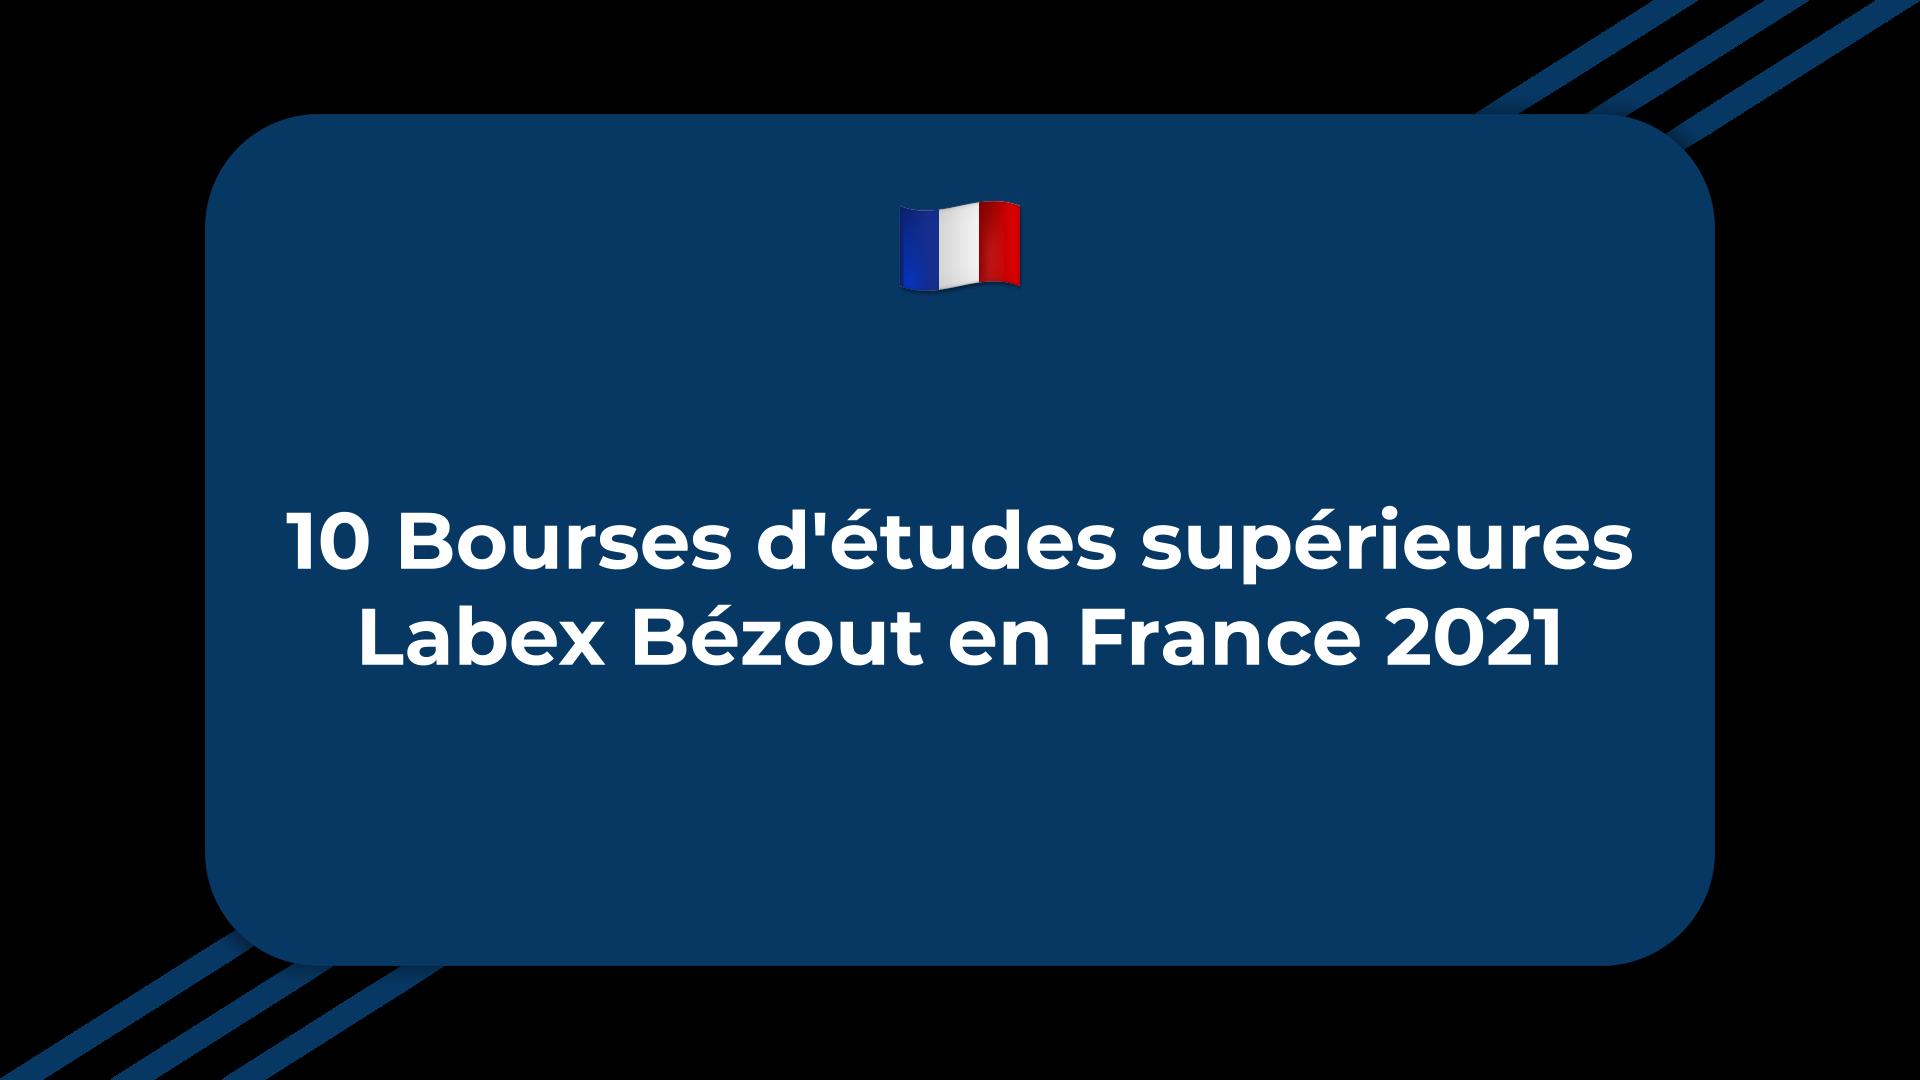 Bourses d'études supérieures Labex Bézout